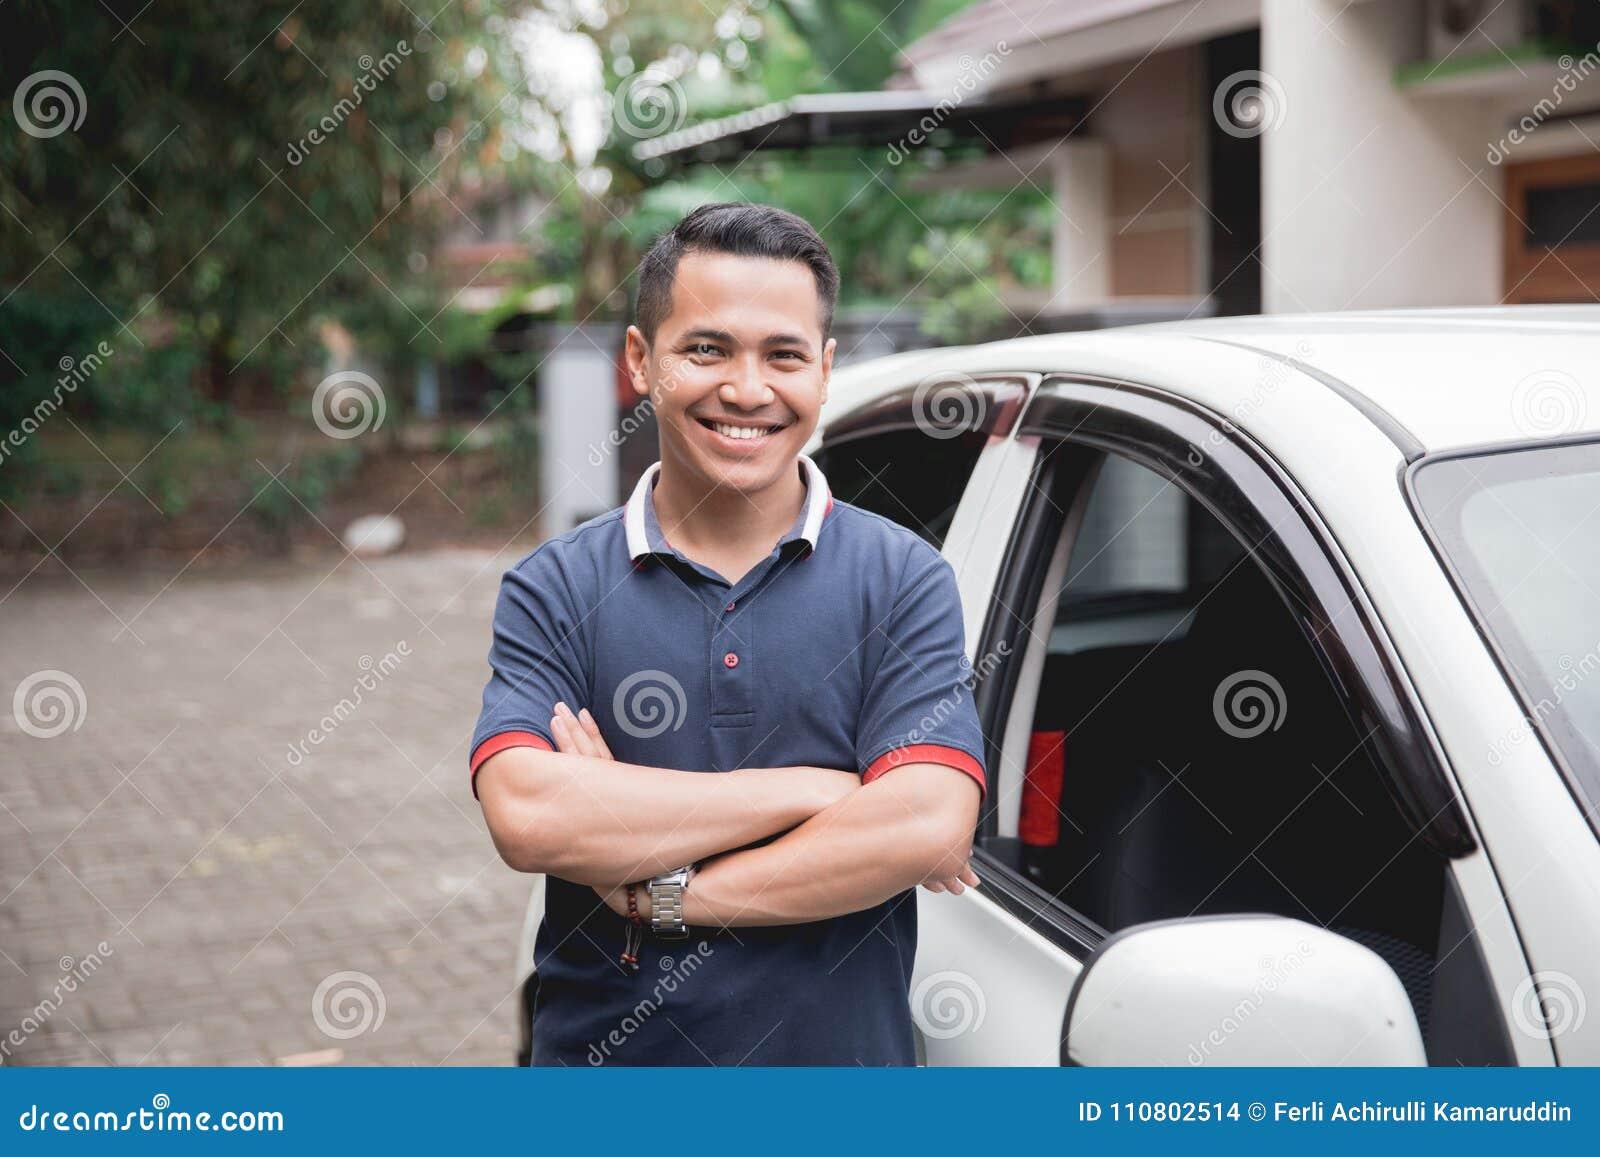 Position devant la voiture chauffeur de taxi masculin